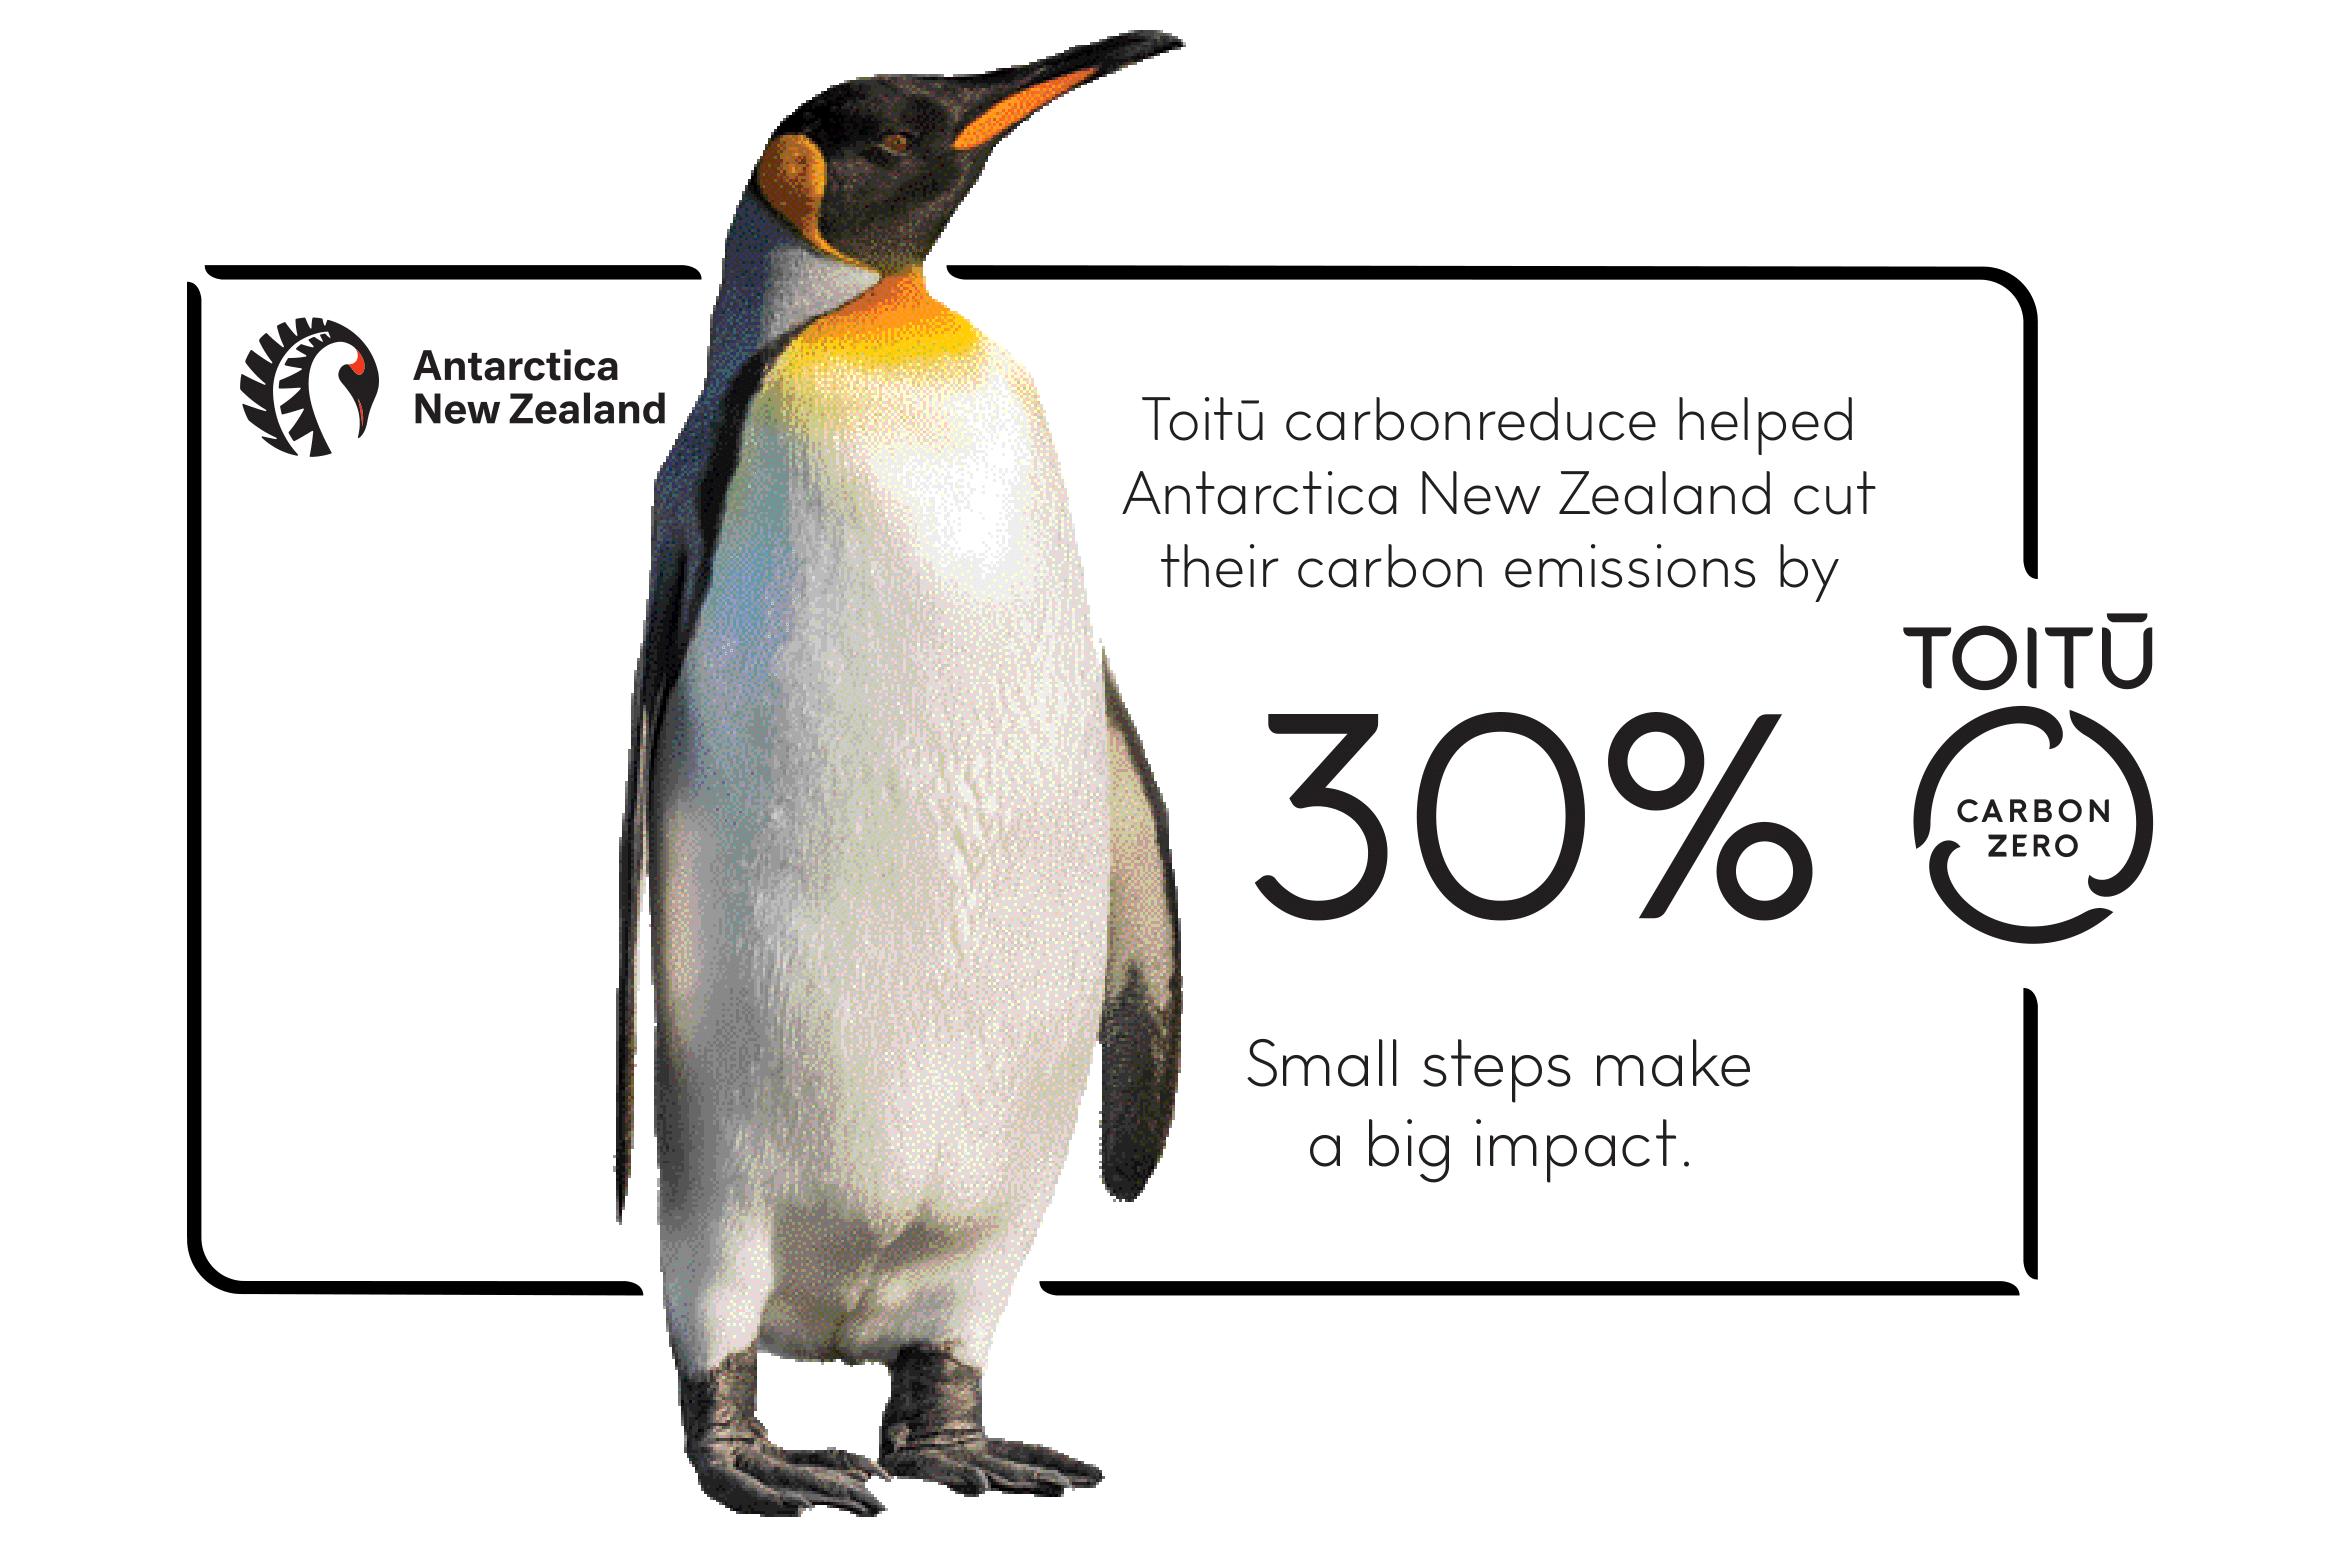 antarcticanz-testimonial.png